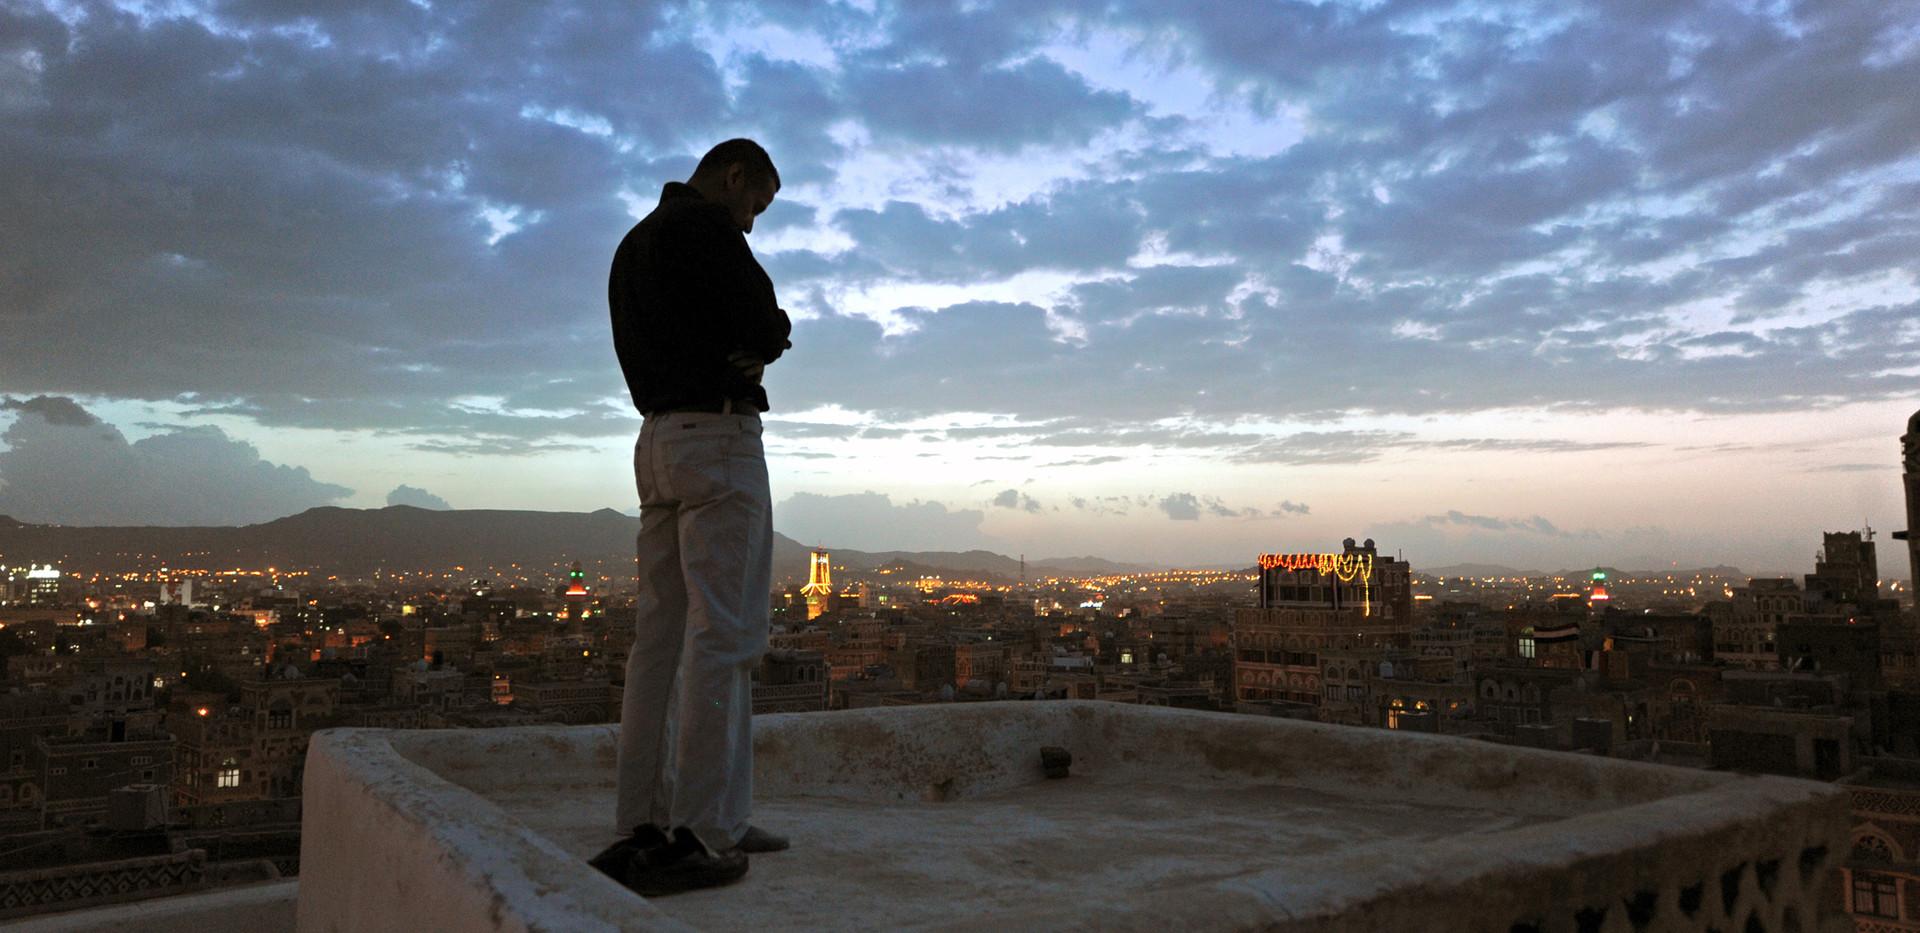 Dariush Zandi, Maghreb Prayer on the Roof